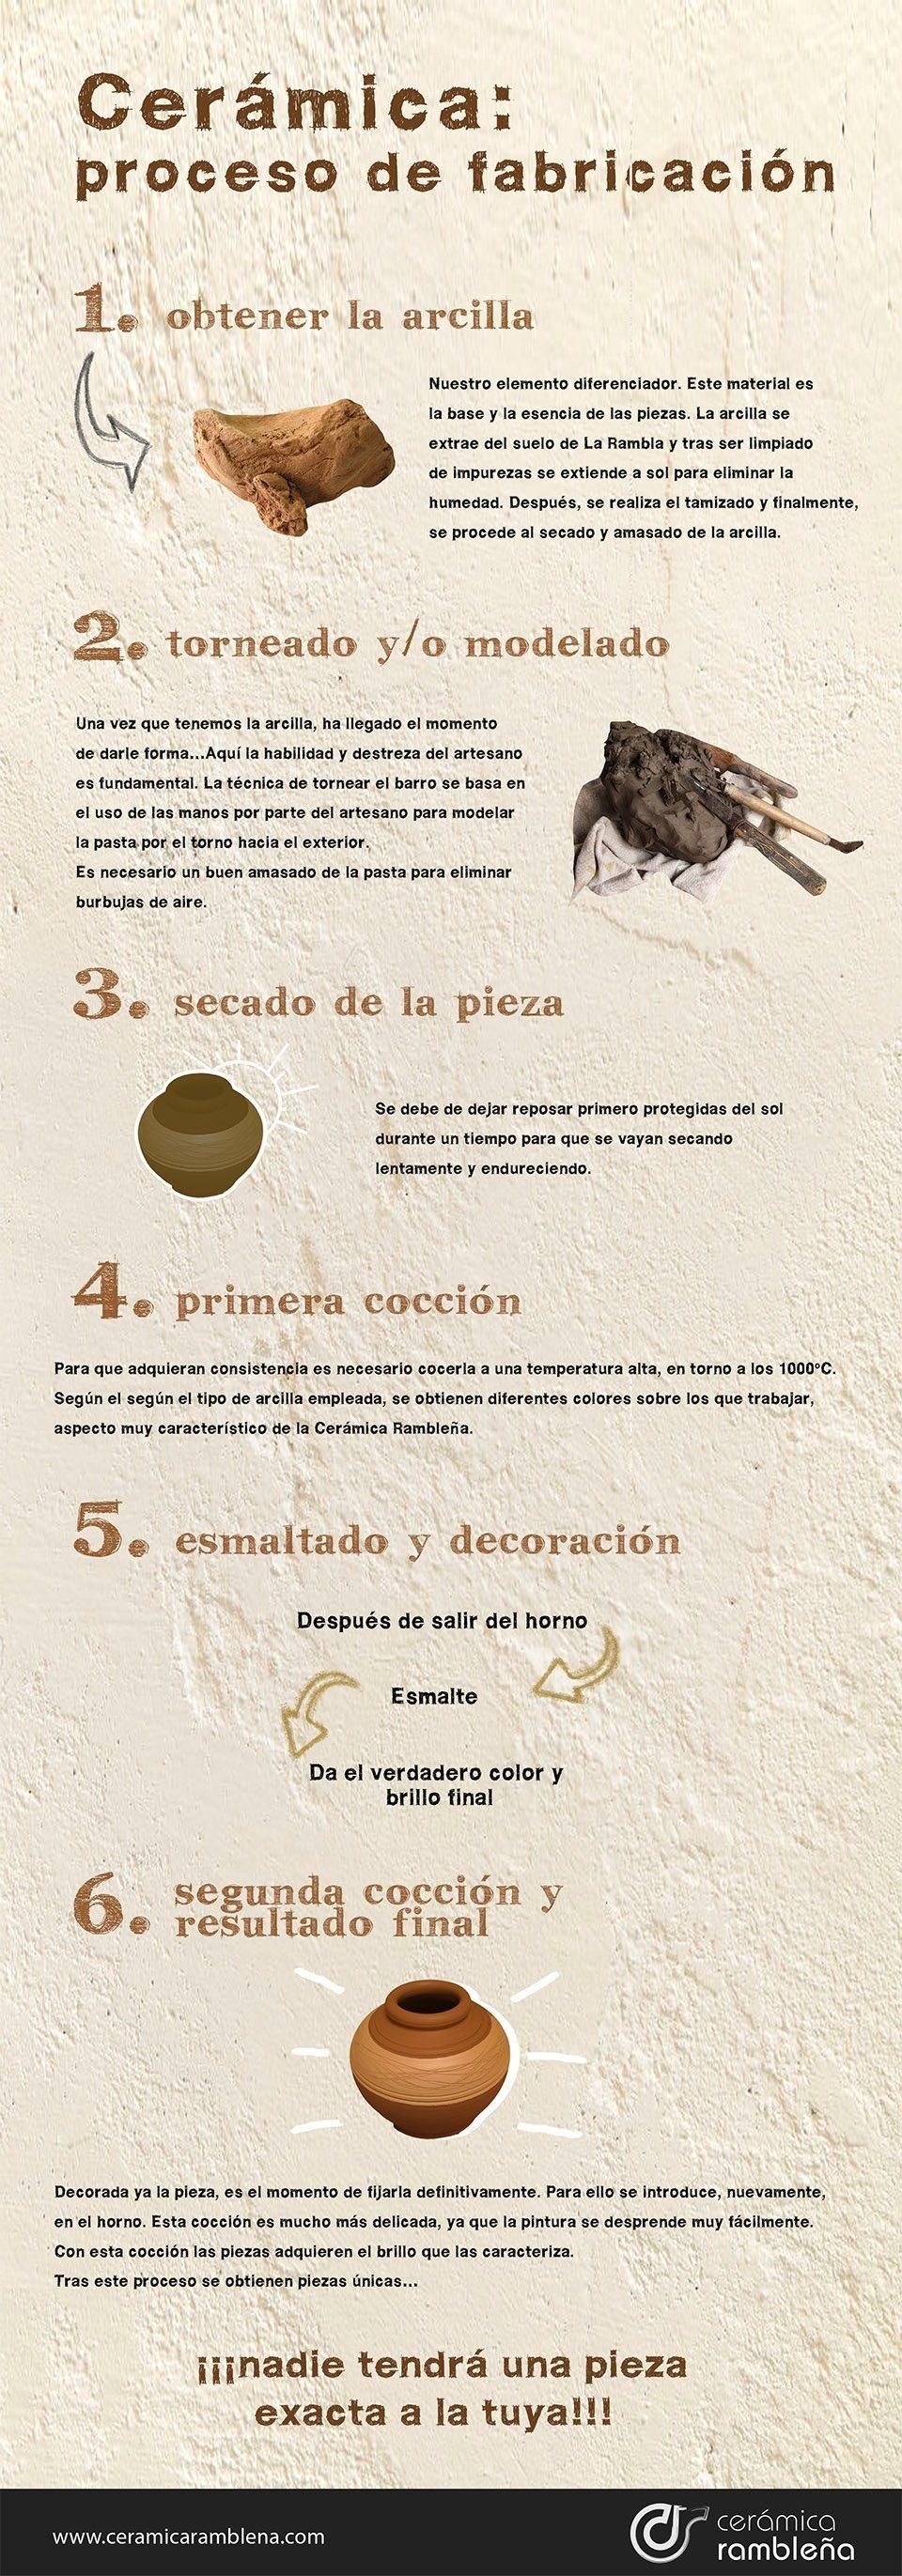 Infografía Proceso de fabricación de la cerámica rambleña